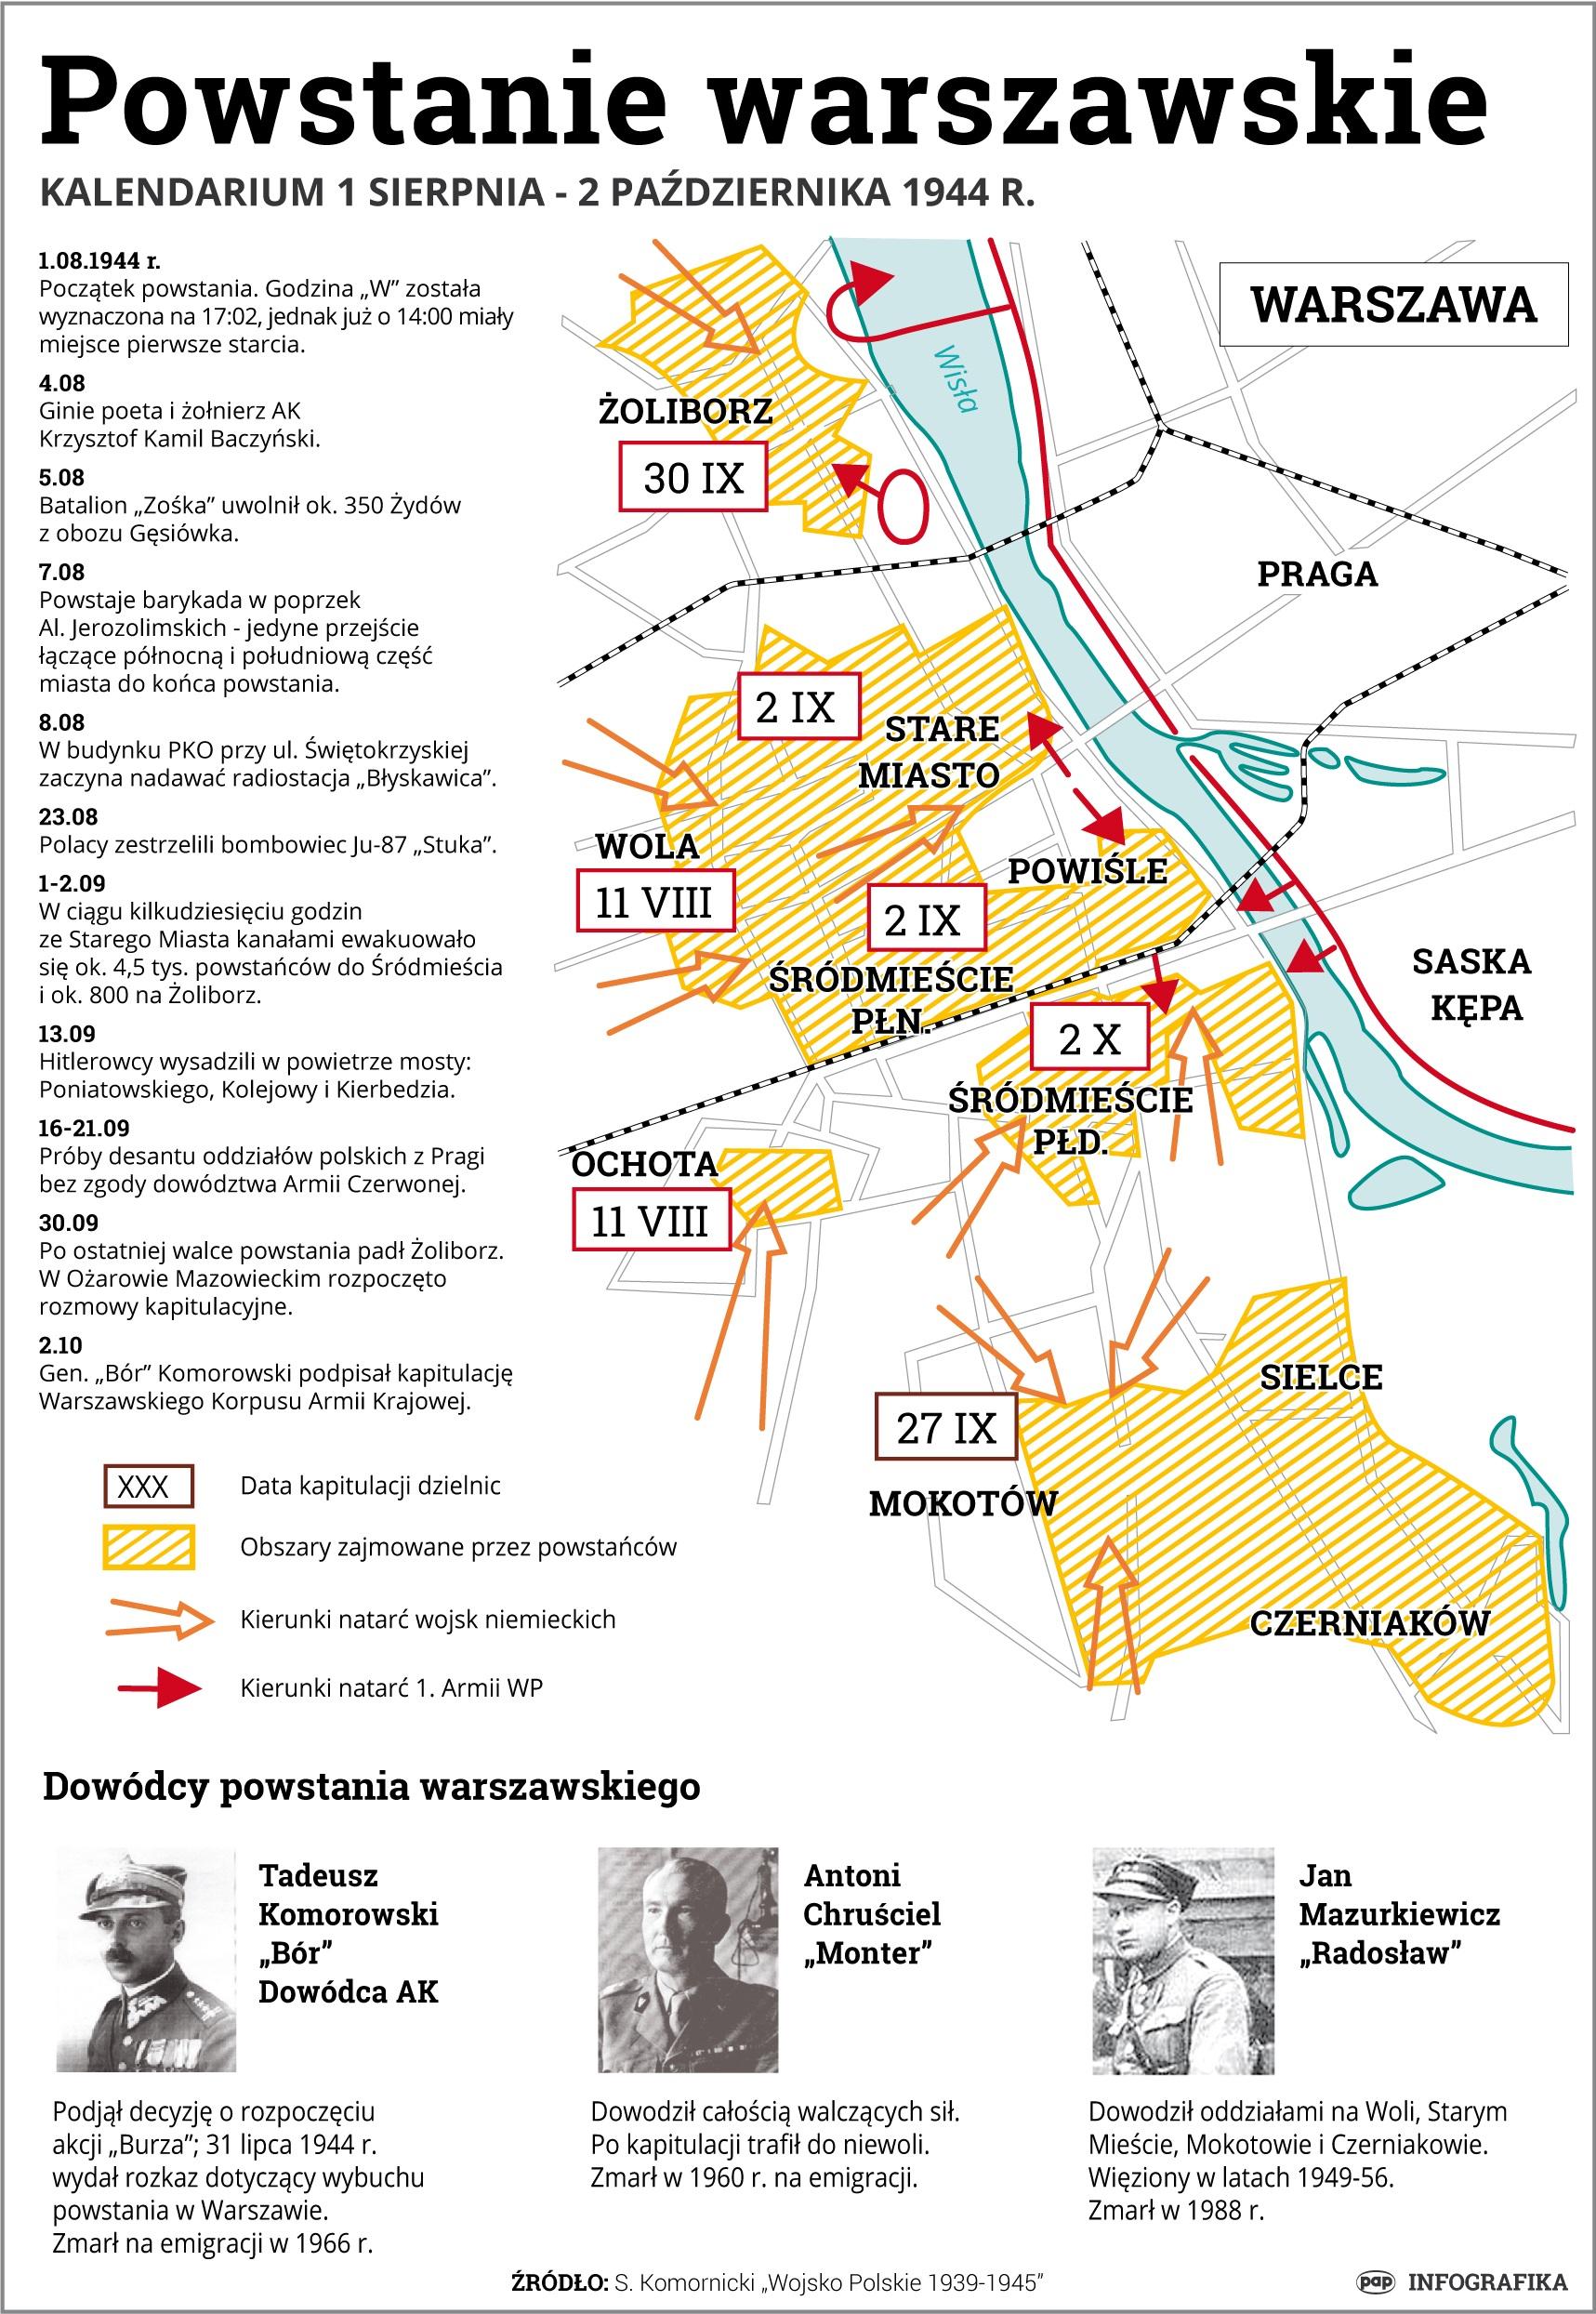 1 sierpnia 1944 r. wybuchło powstanie warszawskie - największa akcja zbrojna podziemia w okupowanej przez Niemców Europie. Przez 63 dni żołnierze Armii Krajowej prowadzili heroiczną i osamotnioną walkę, której celem była niepodległa Polska, wolna od niemieckiej okupacji i dominacji sowieckiej/źródło: PAP/Ziemienowicz Adam